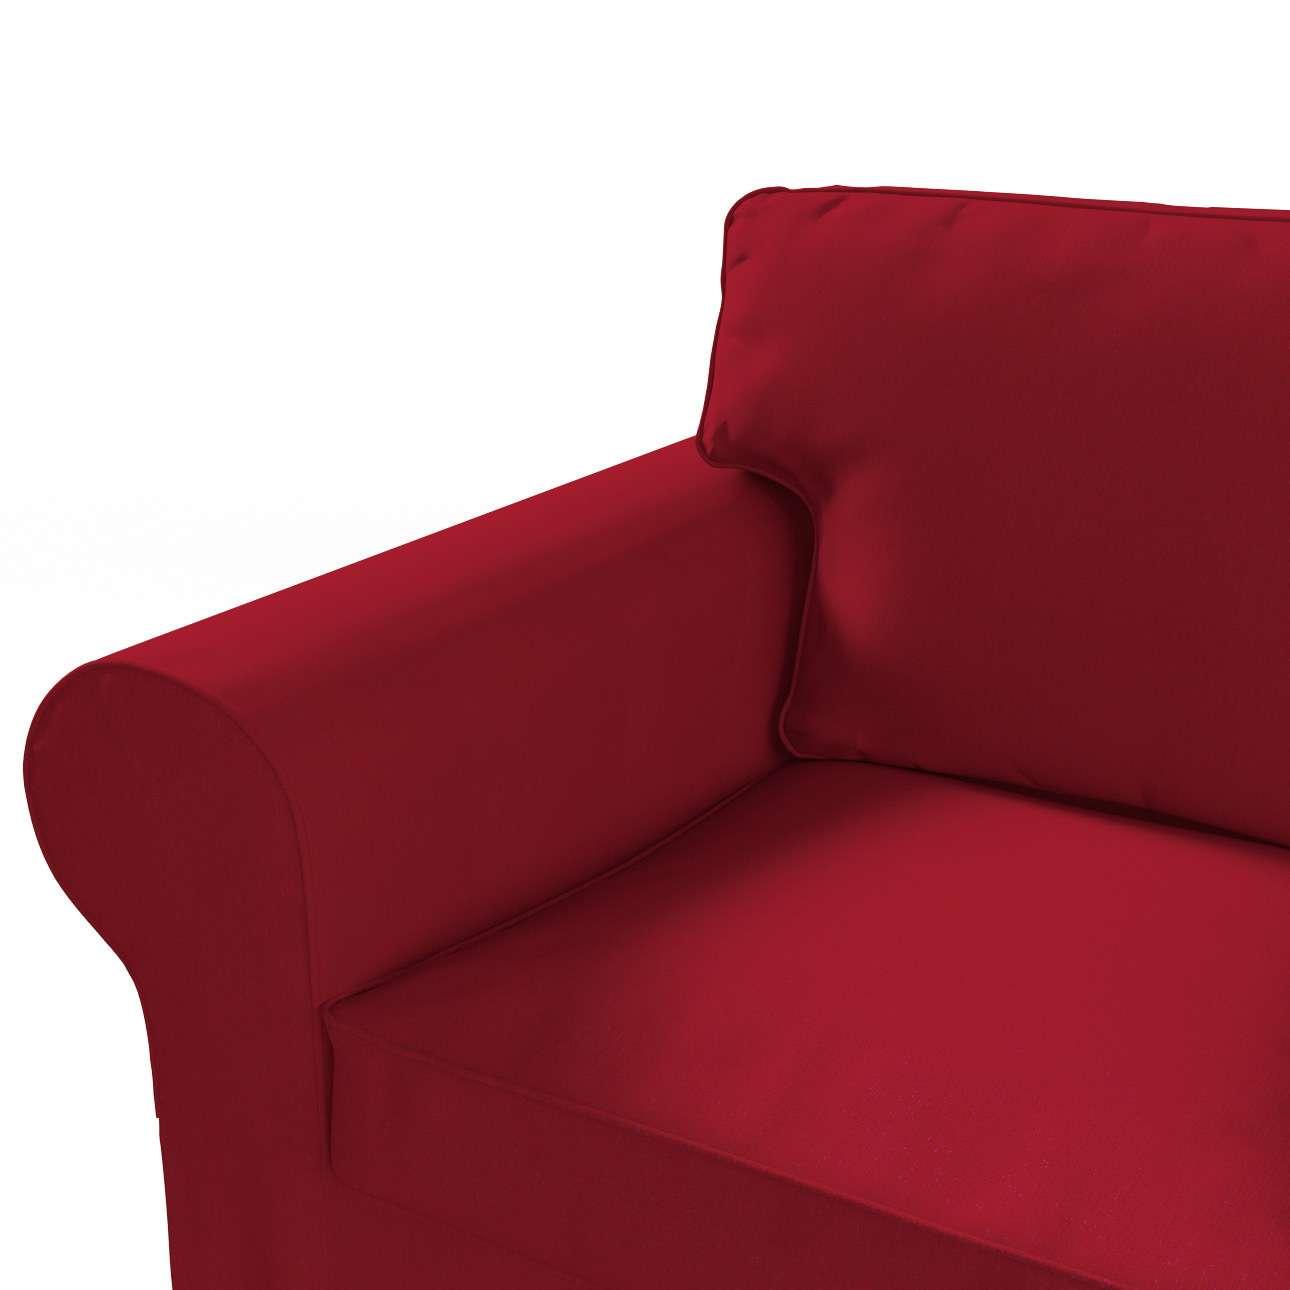 Ektorp trivietės sofos-lovos užvalkalas Ektorp trivietė sofa-lova kolekcijoje Chenille, audinys: 702-24